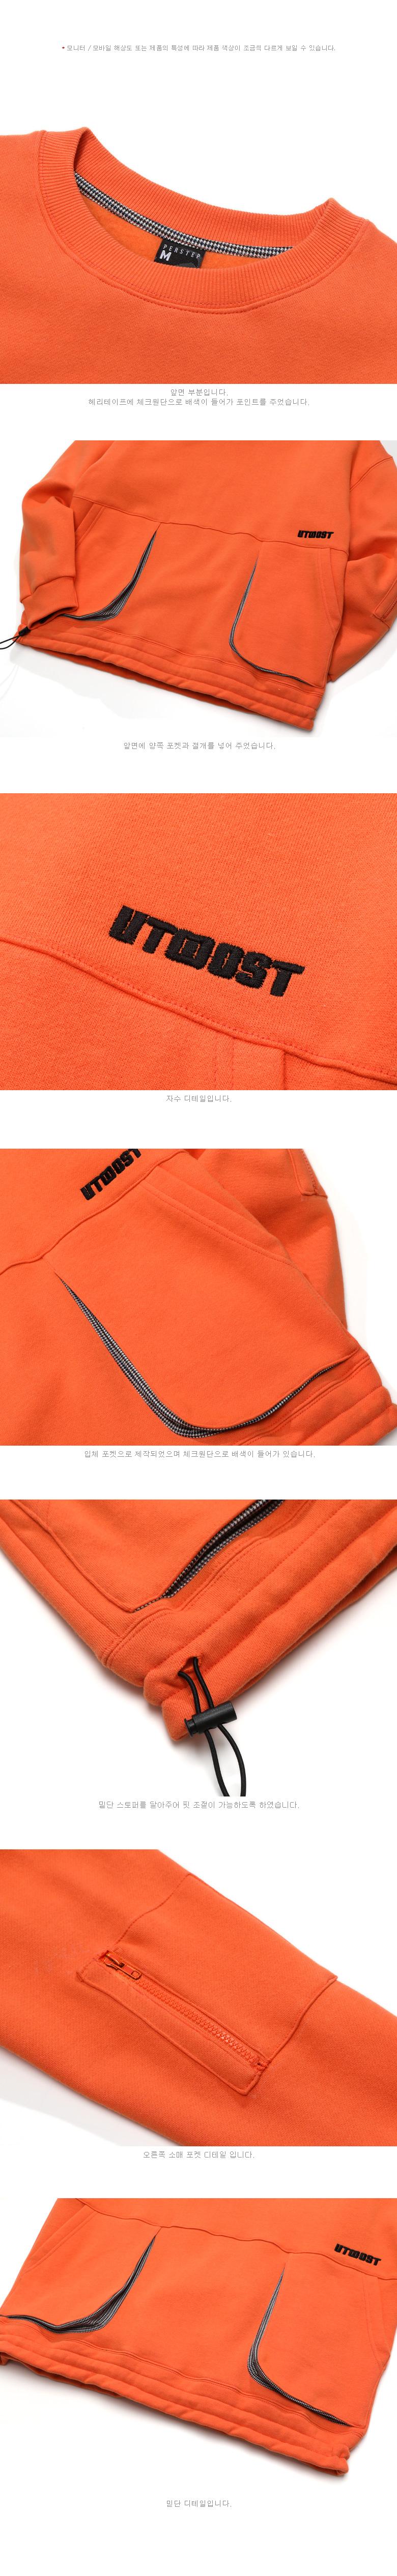 4315_detail_orange_ms_02.jpg